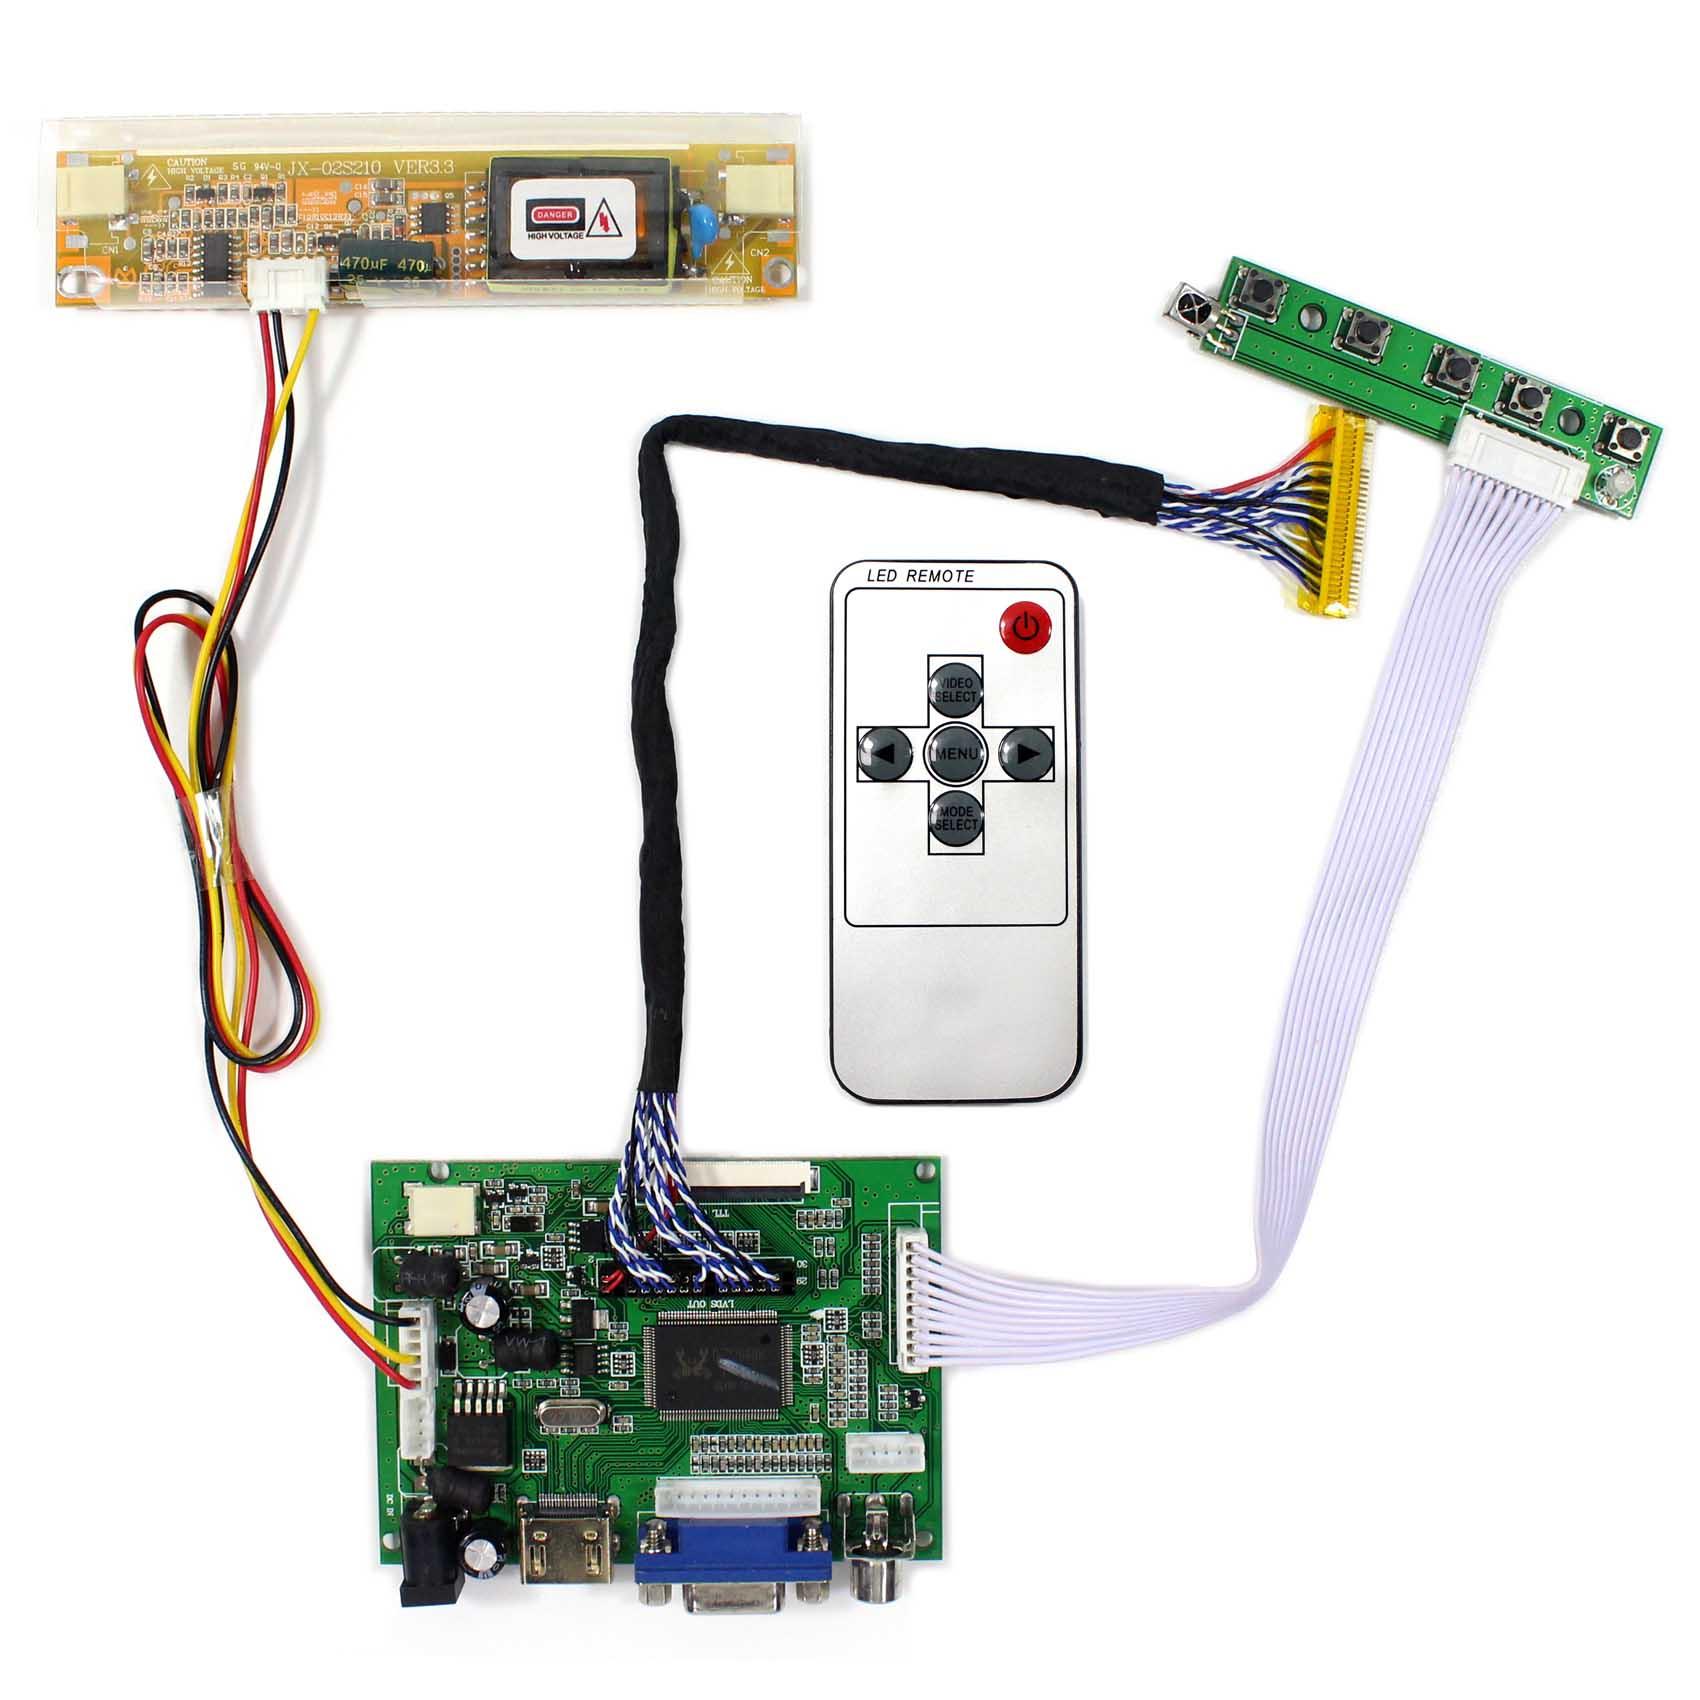 """Para 15,4 """"17"""" 1440x900 pantalla LCD LP171WP5 5N154C3 N170C3-L01 LTN154BT05 B170PW02 CLAA154WP05 HDMI VGA 2AV placa controladora LCD"""